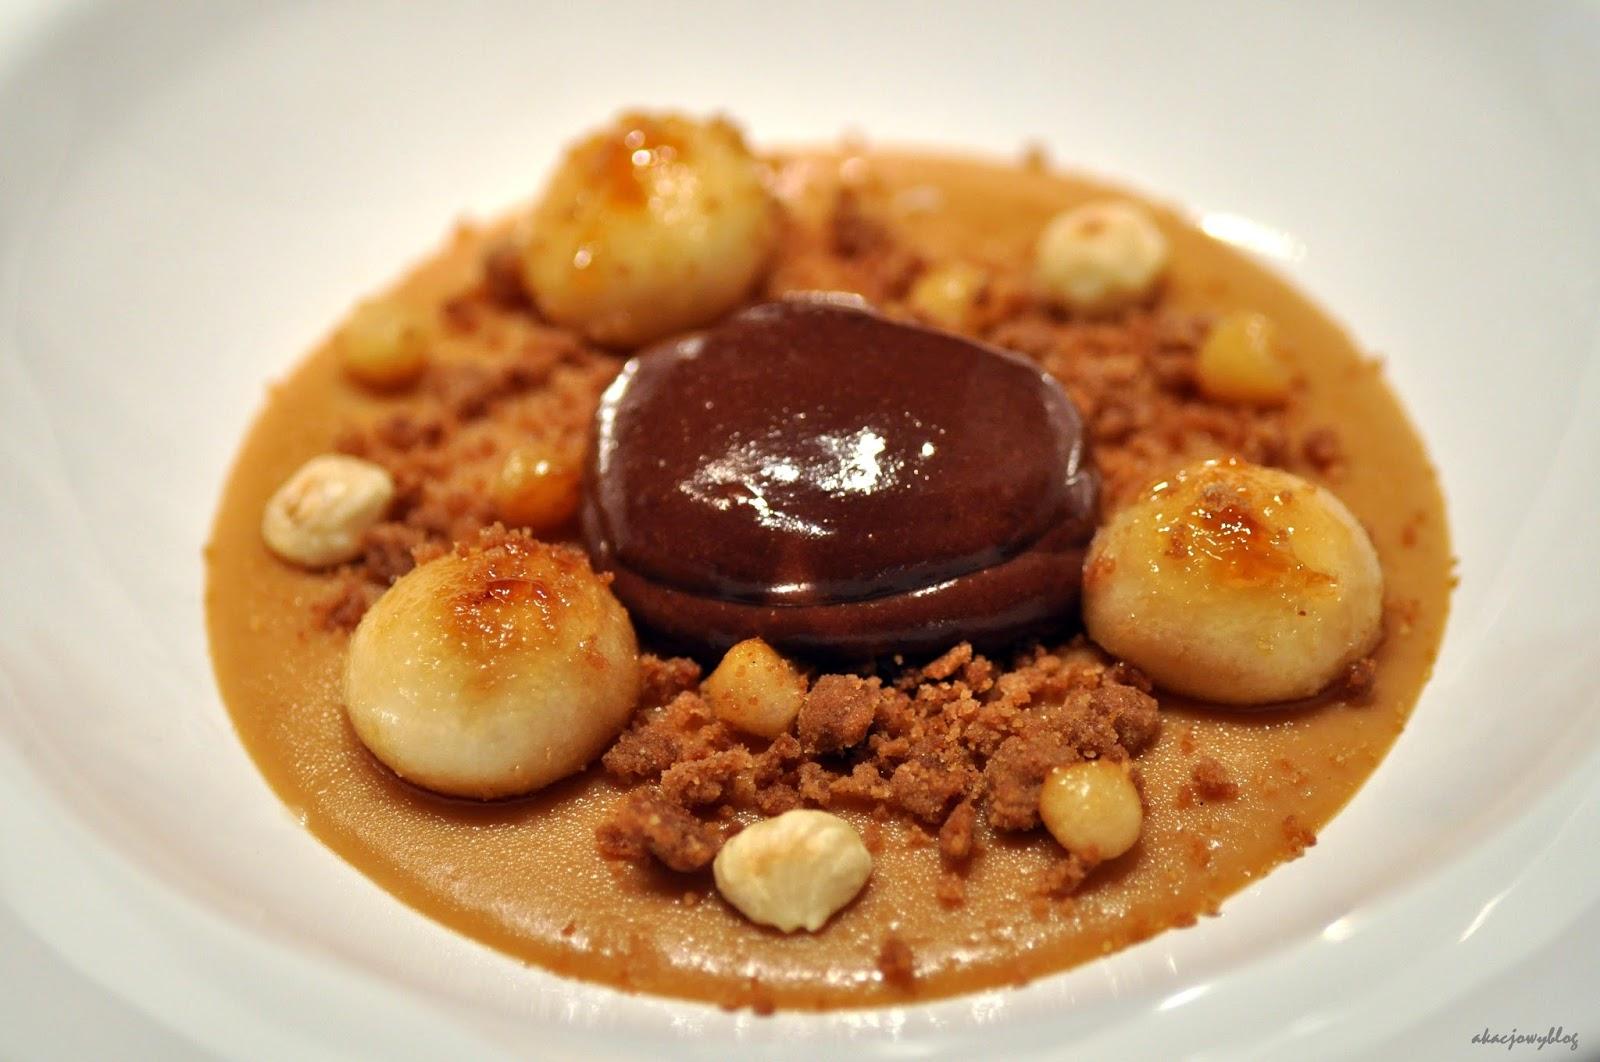 Jesienny deser - Karmelowo-piwna panna cotta  z cynamonową kruszonką, karmelizowaną gruszką, orzechami laskowymi i czekoladowym musem.